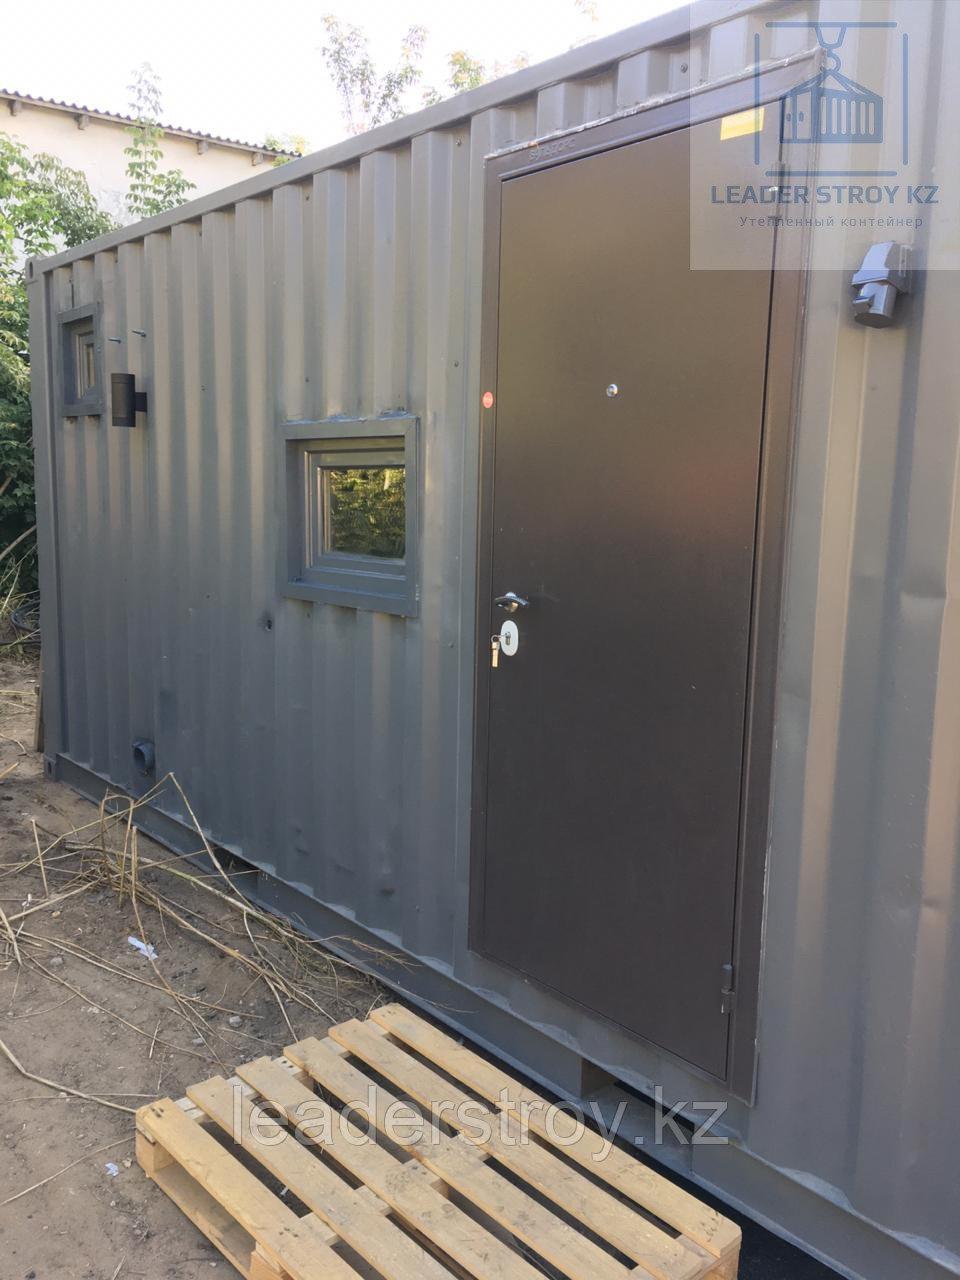 Модульный дом из 20 футового контейнера на заказ в Алматы